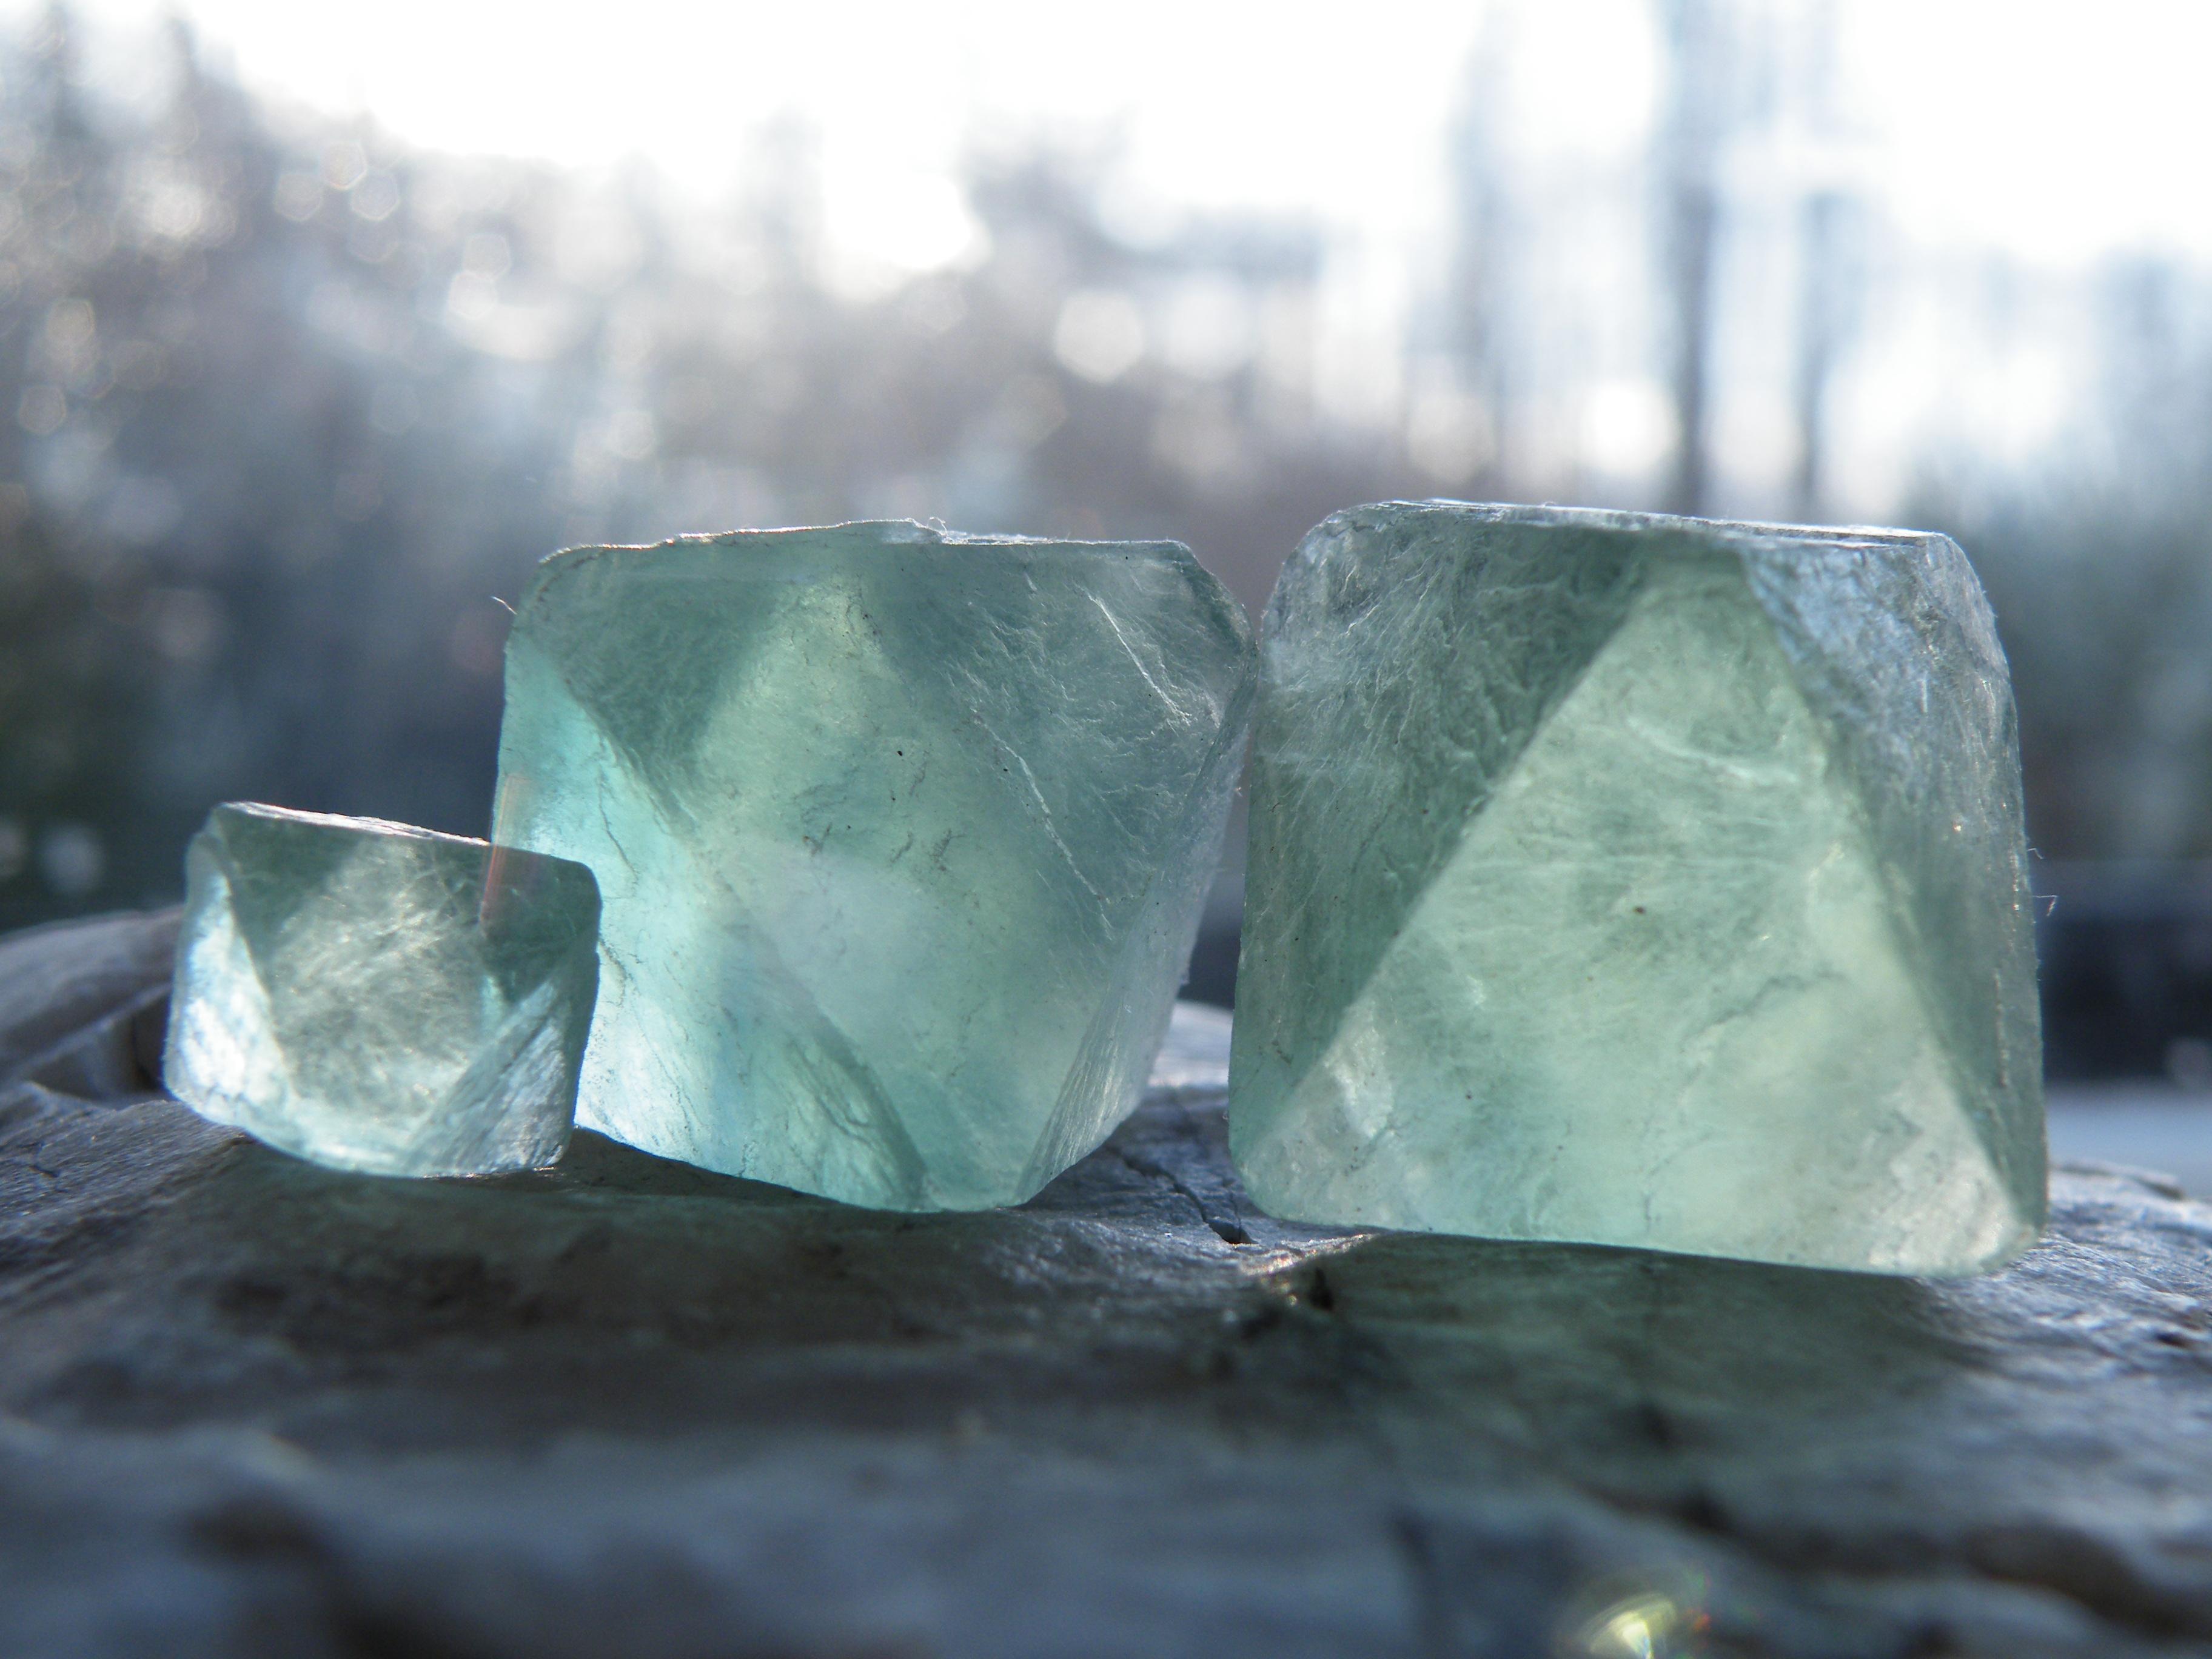 Rezonance, vibrační frekvence – Jak funguje krystaloterapie